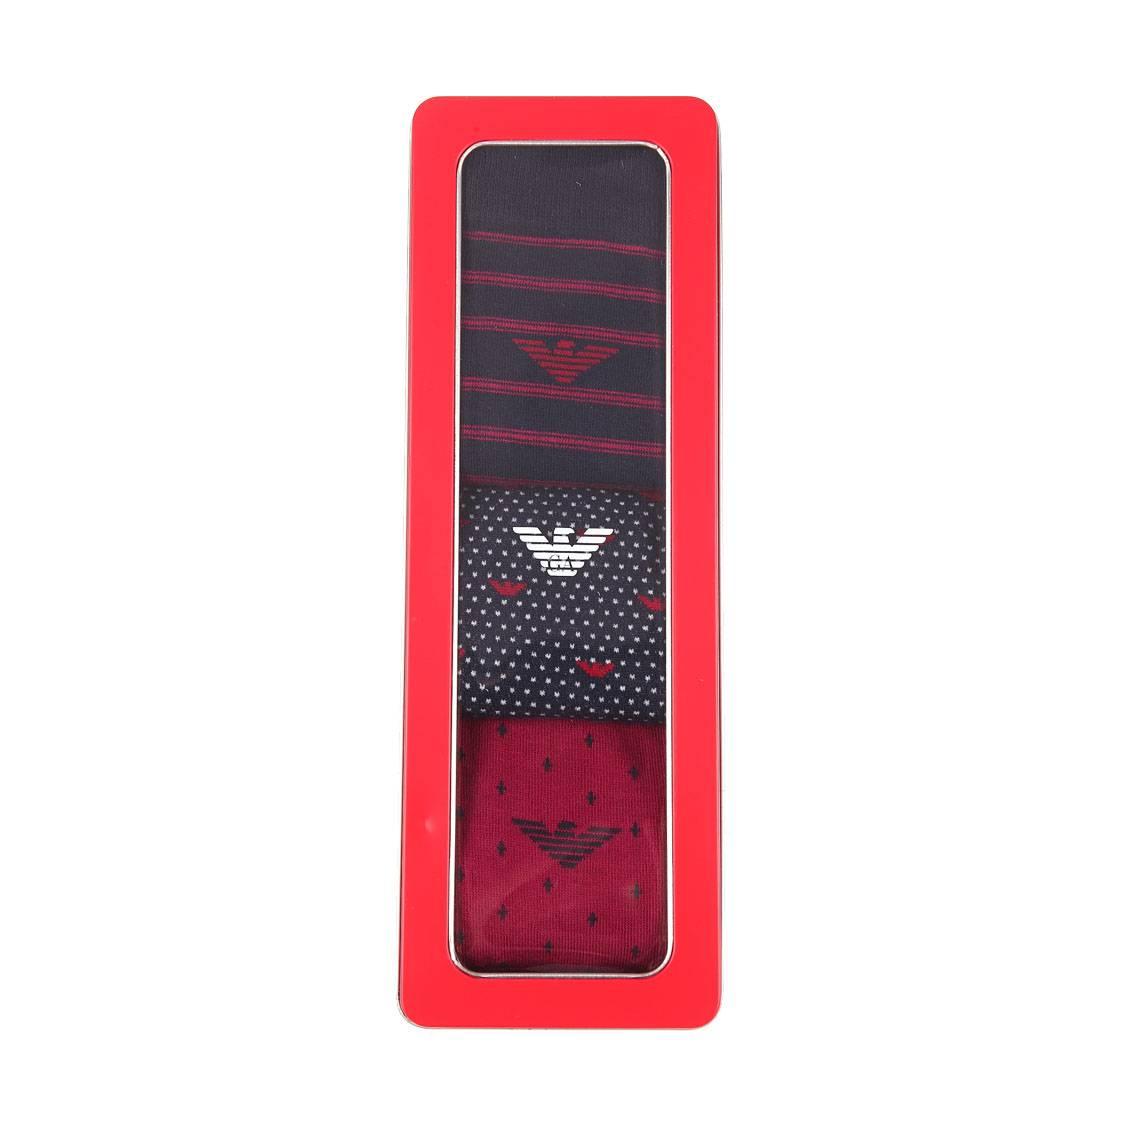 Coffret de 3 paires de chaussettes  en coton et polyamide stretch rose à pois bleu marine, bleu marine à rayures roses et bleu marine à pois blancs et motifs eagle roses